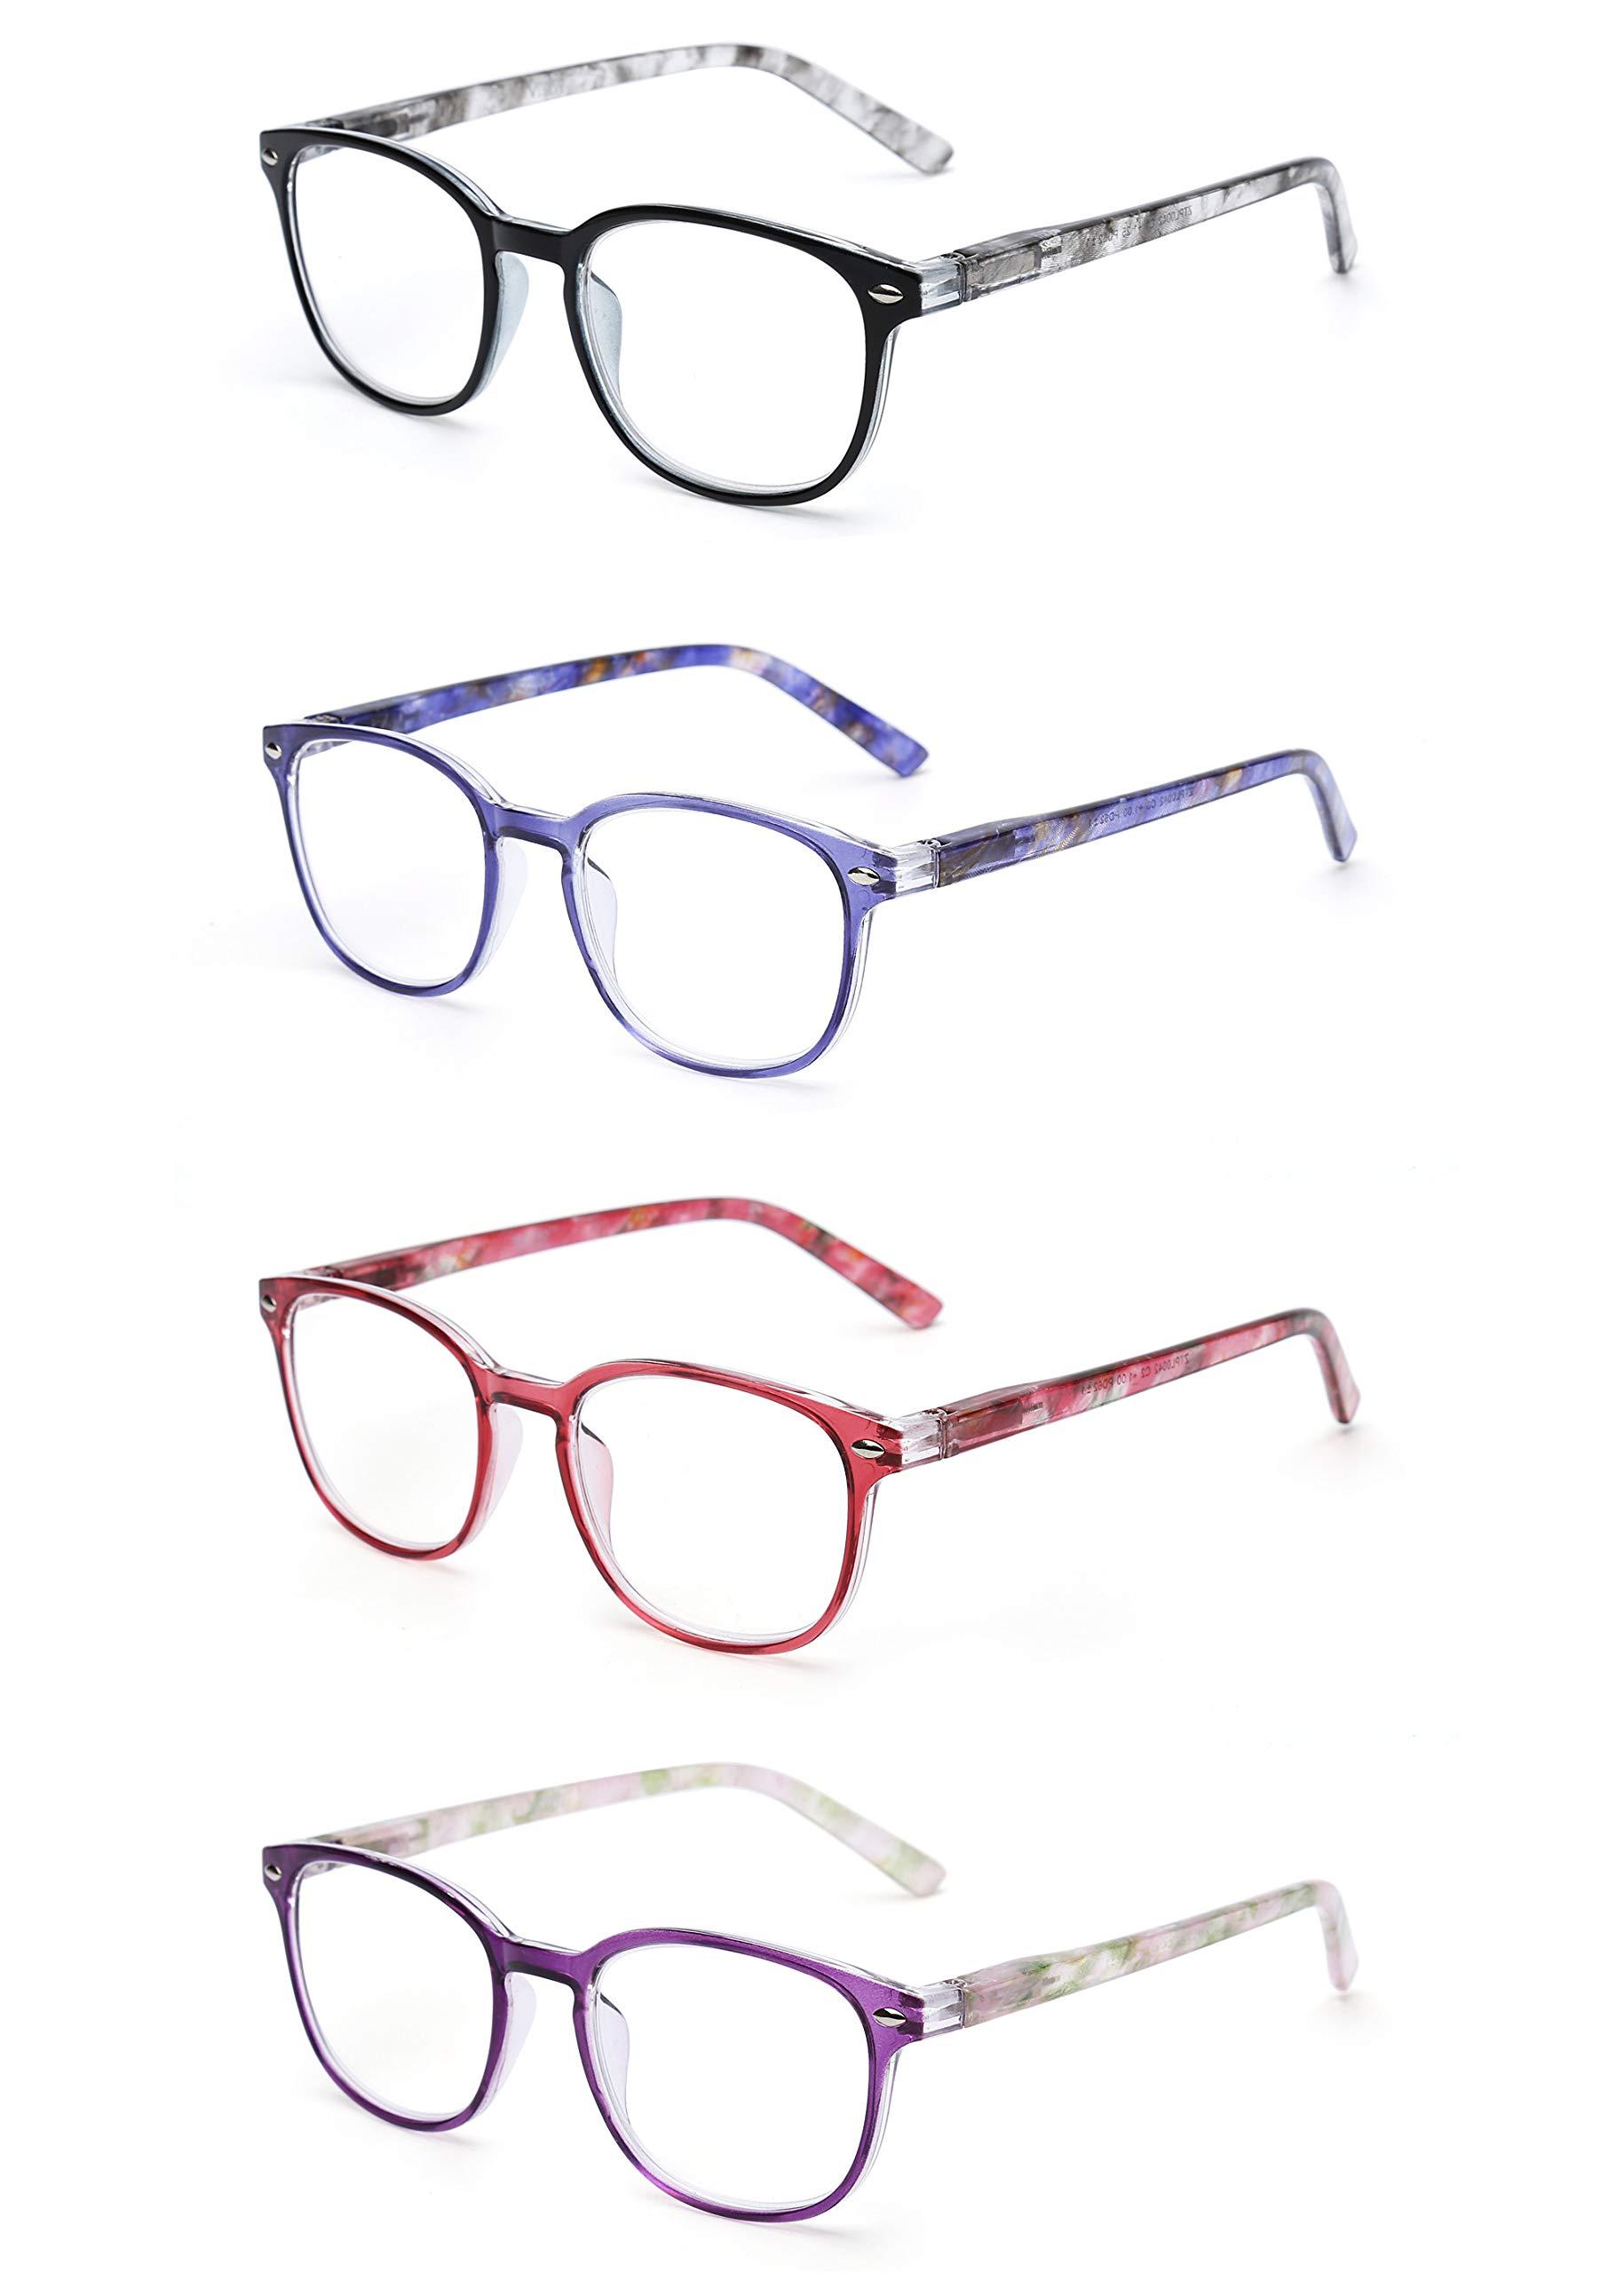 c5968739cf JM Gafas de Lectura Conjunto de 4 Calidad Bisagras de Resorte Lectores  Hombre Mujer Anteojos Para